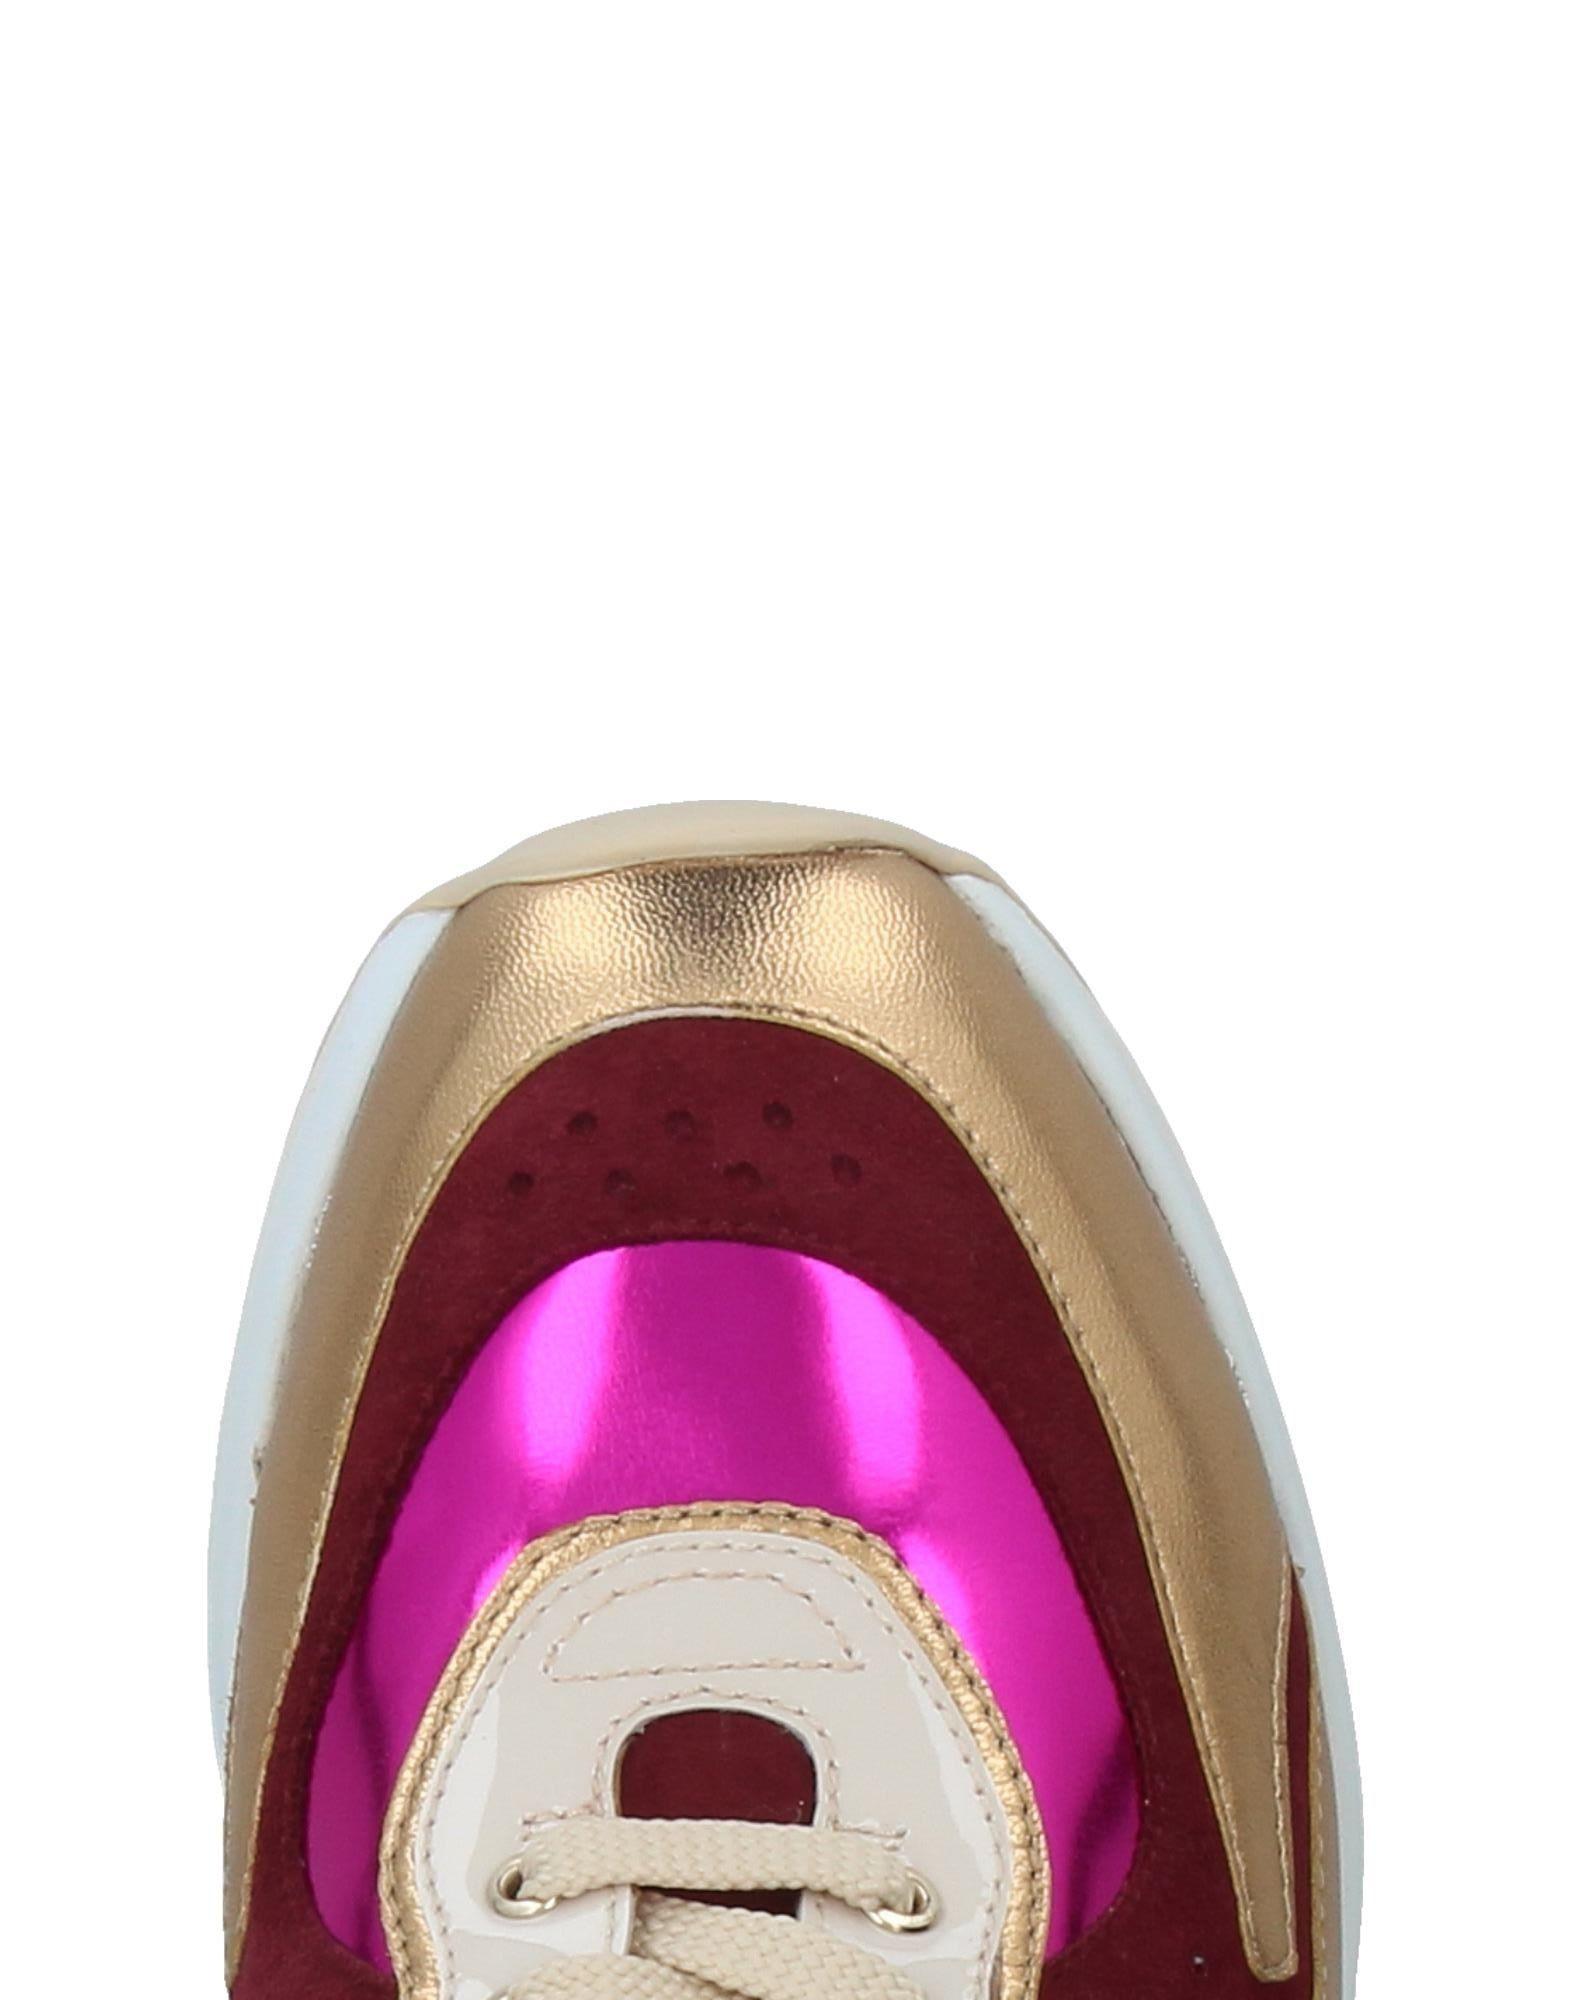 Cesare Paciotti 4Us Sneakers Damen 11386834AX  11386834AX Damen Gute Qualität beliebte Schuhe 24776c